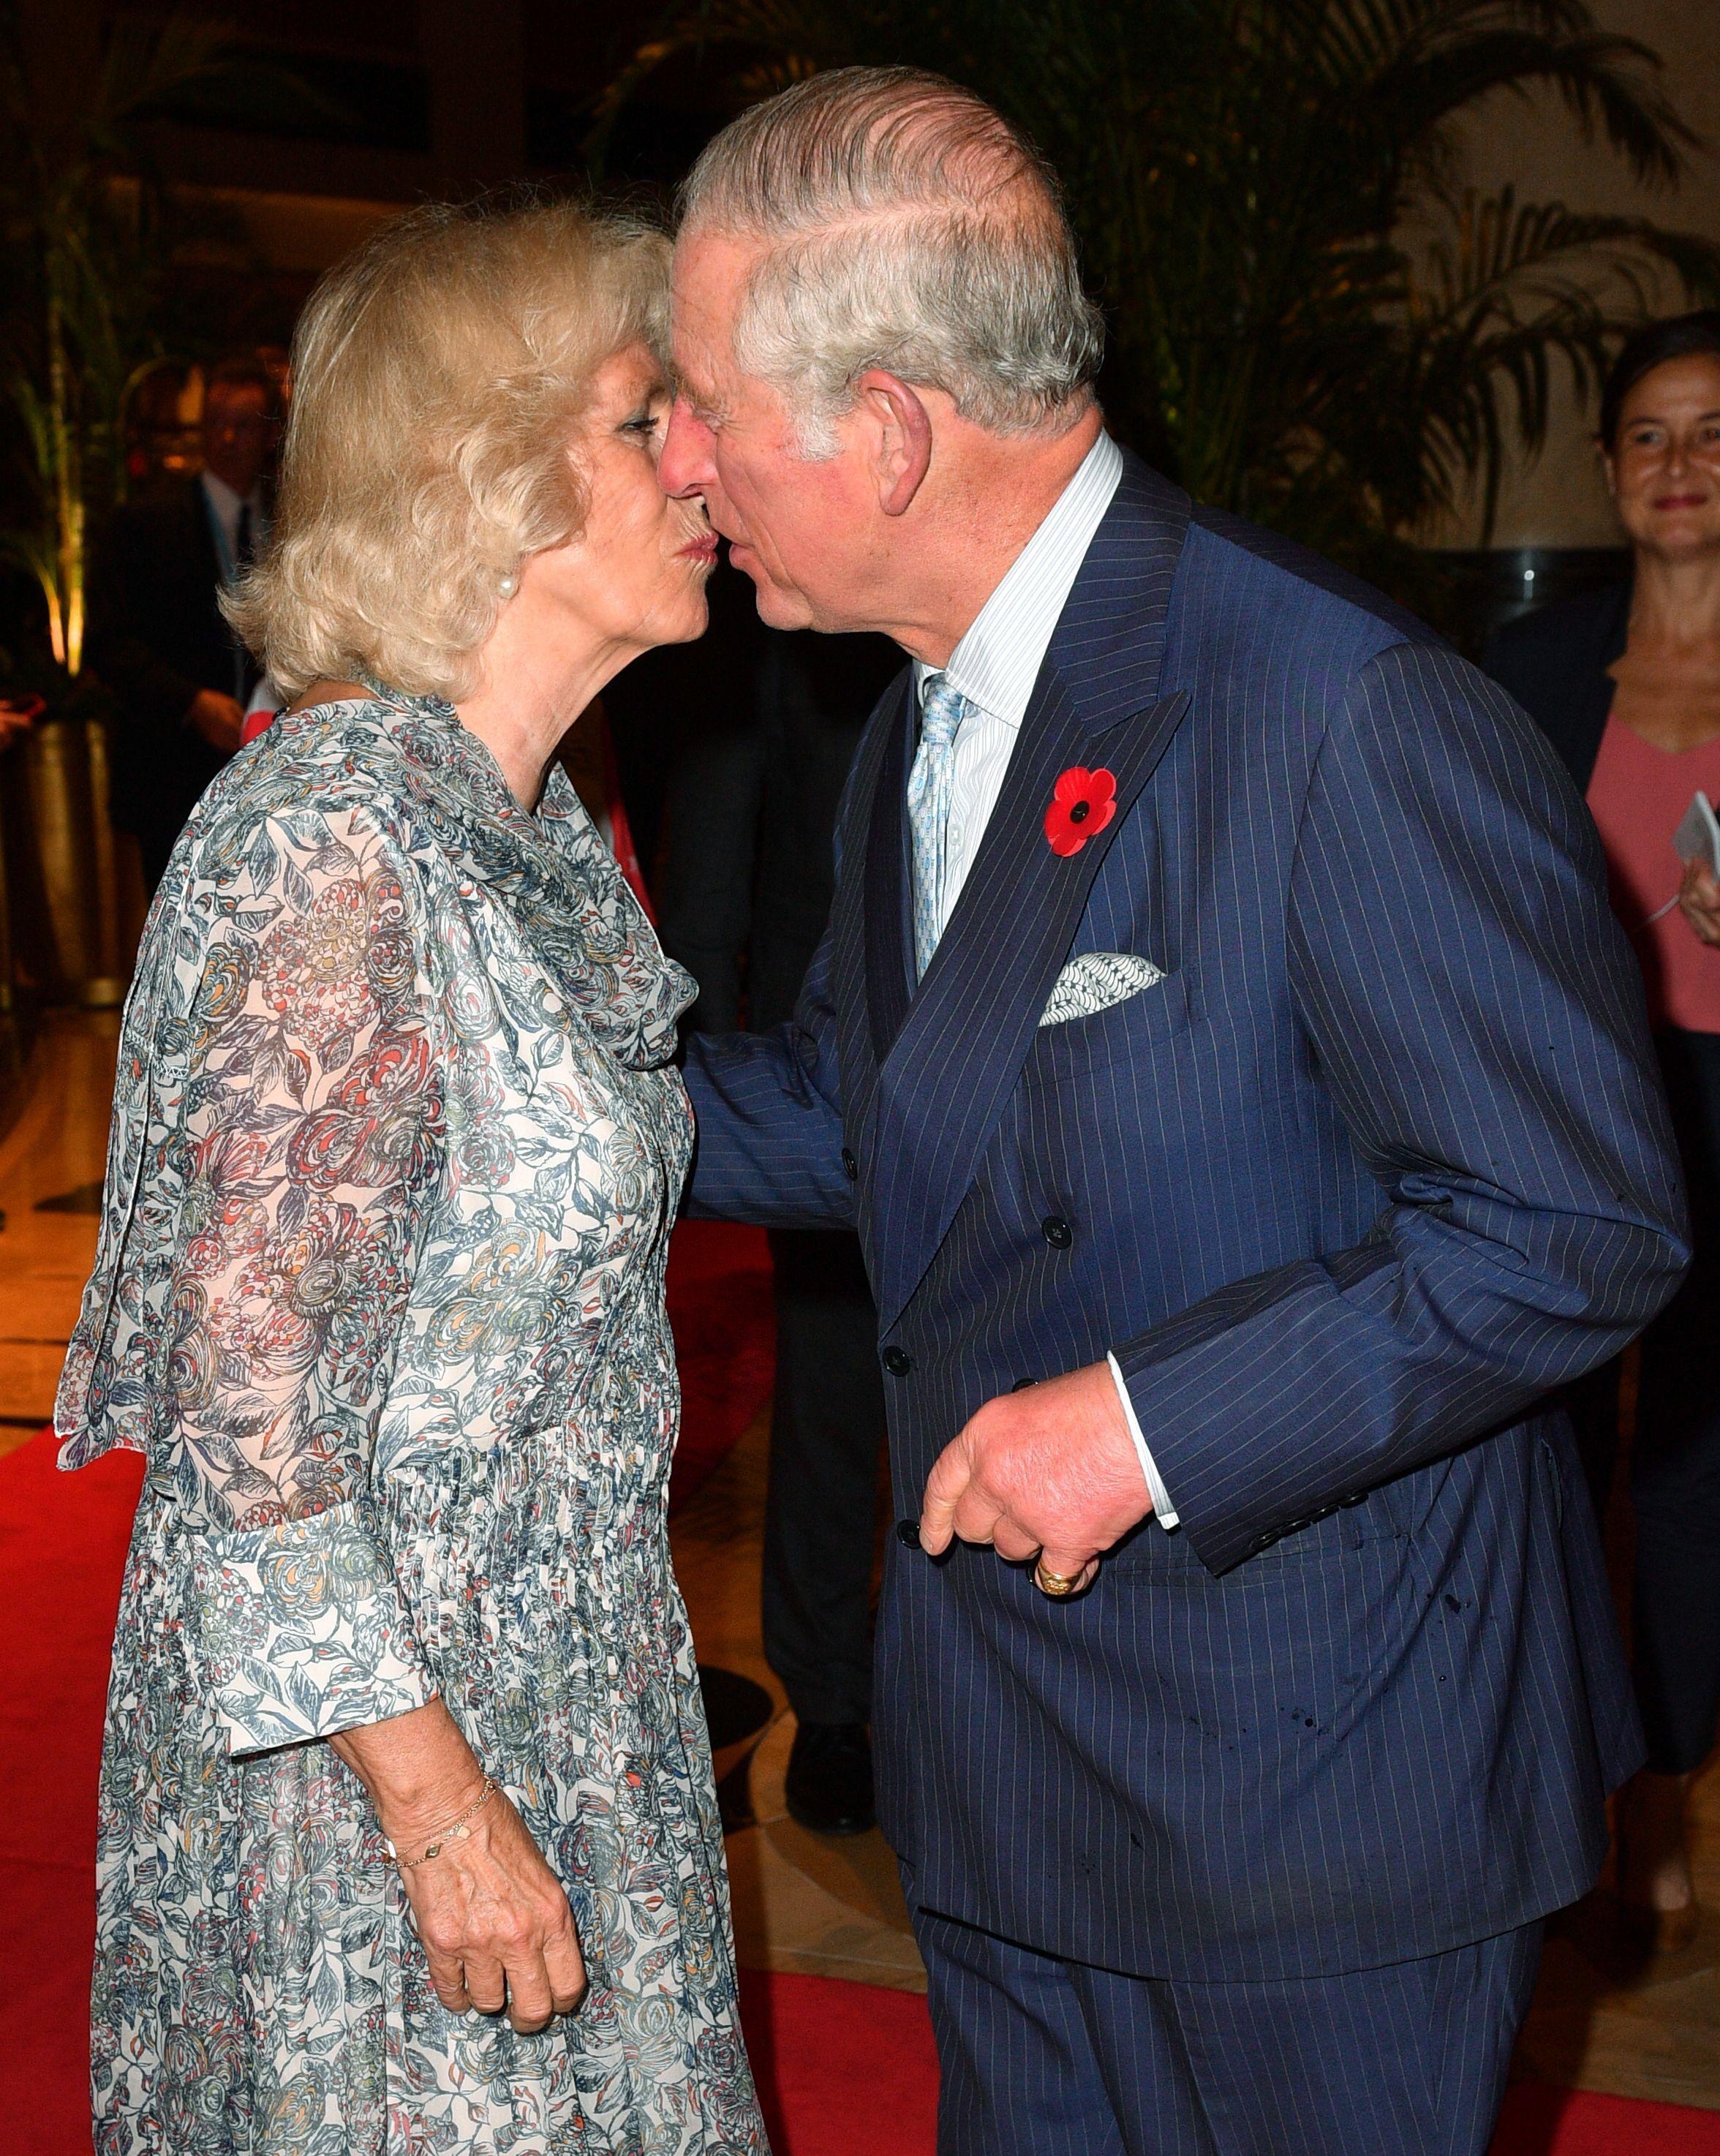 Prince Charles and Camilla, Duchess of Cornwall PDA